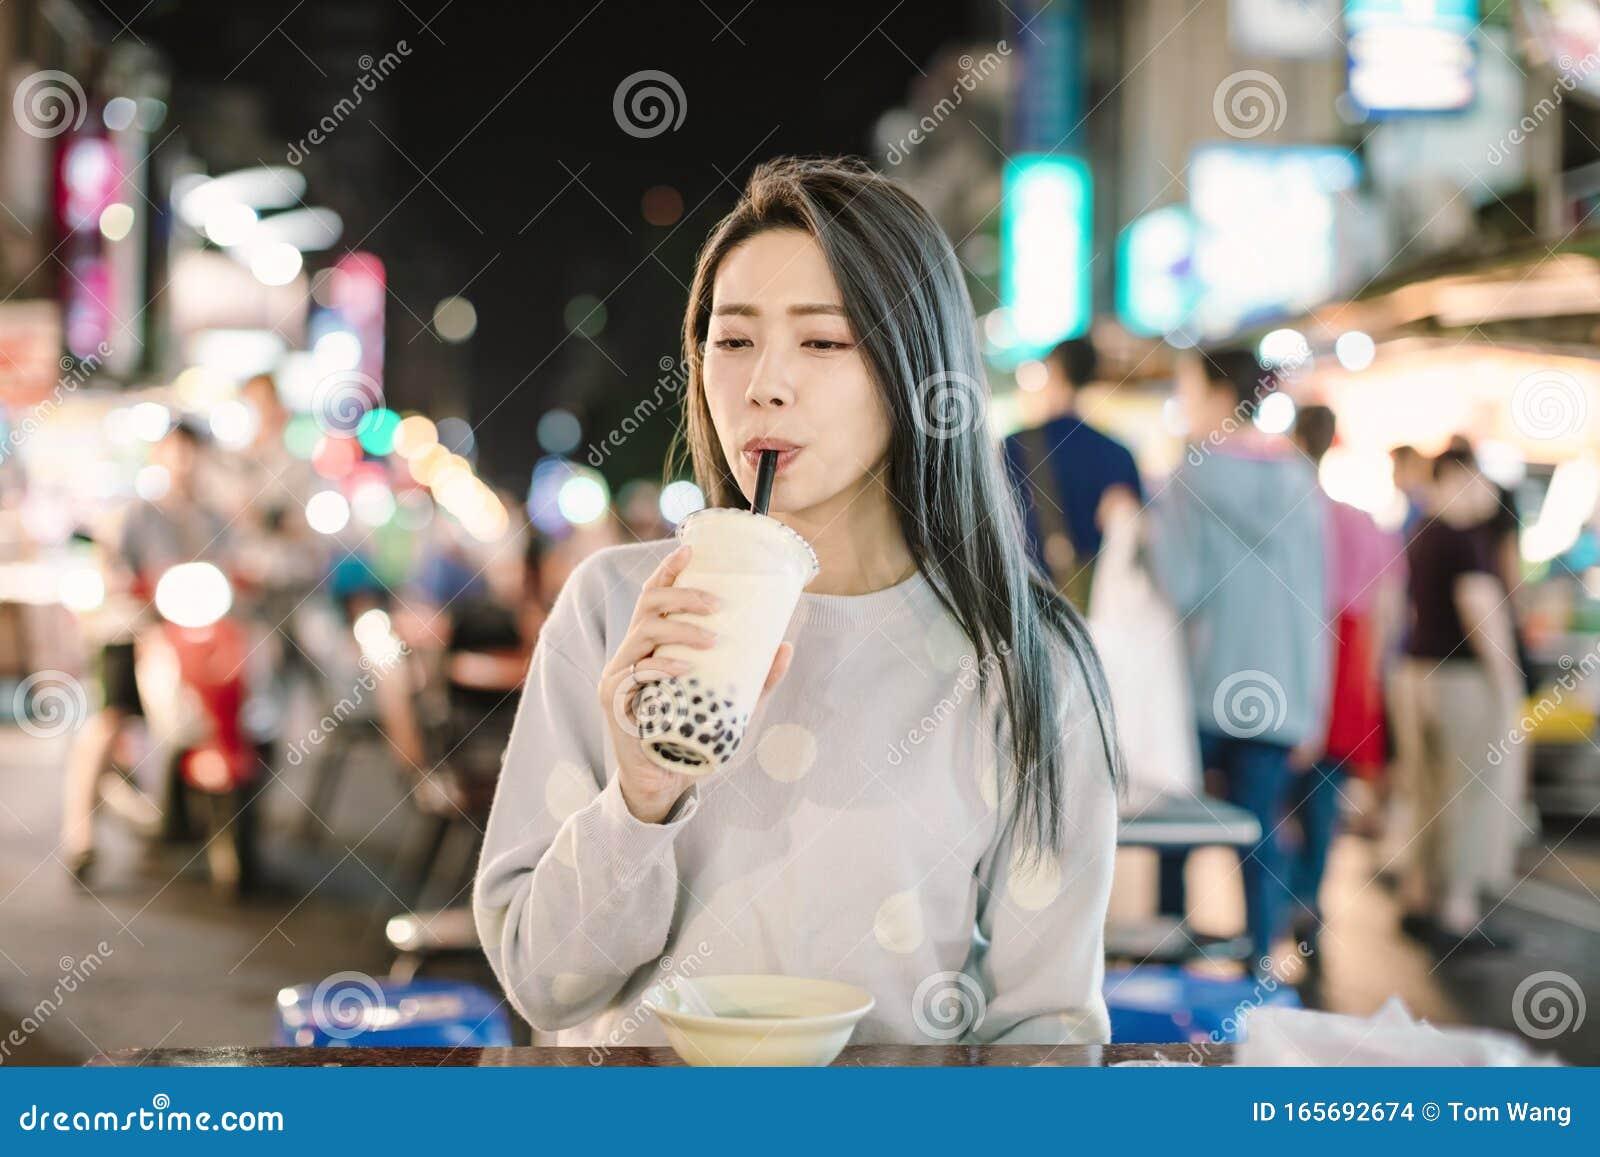 Outdoor voyeur asian bubble